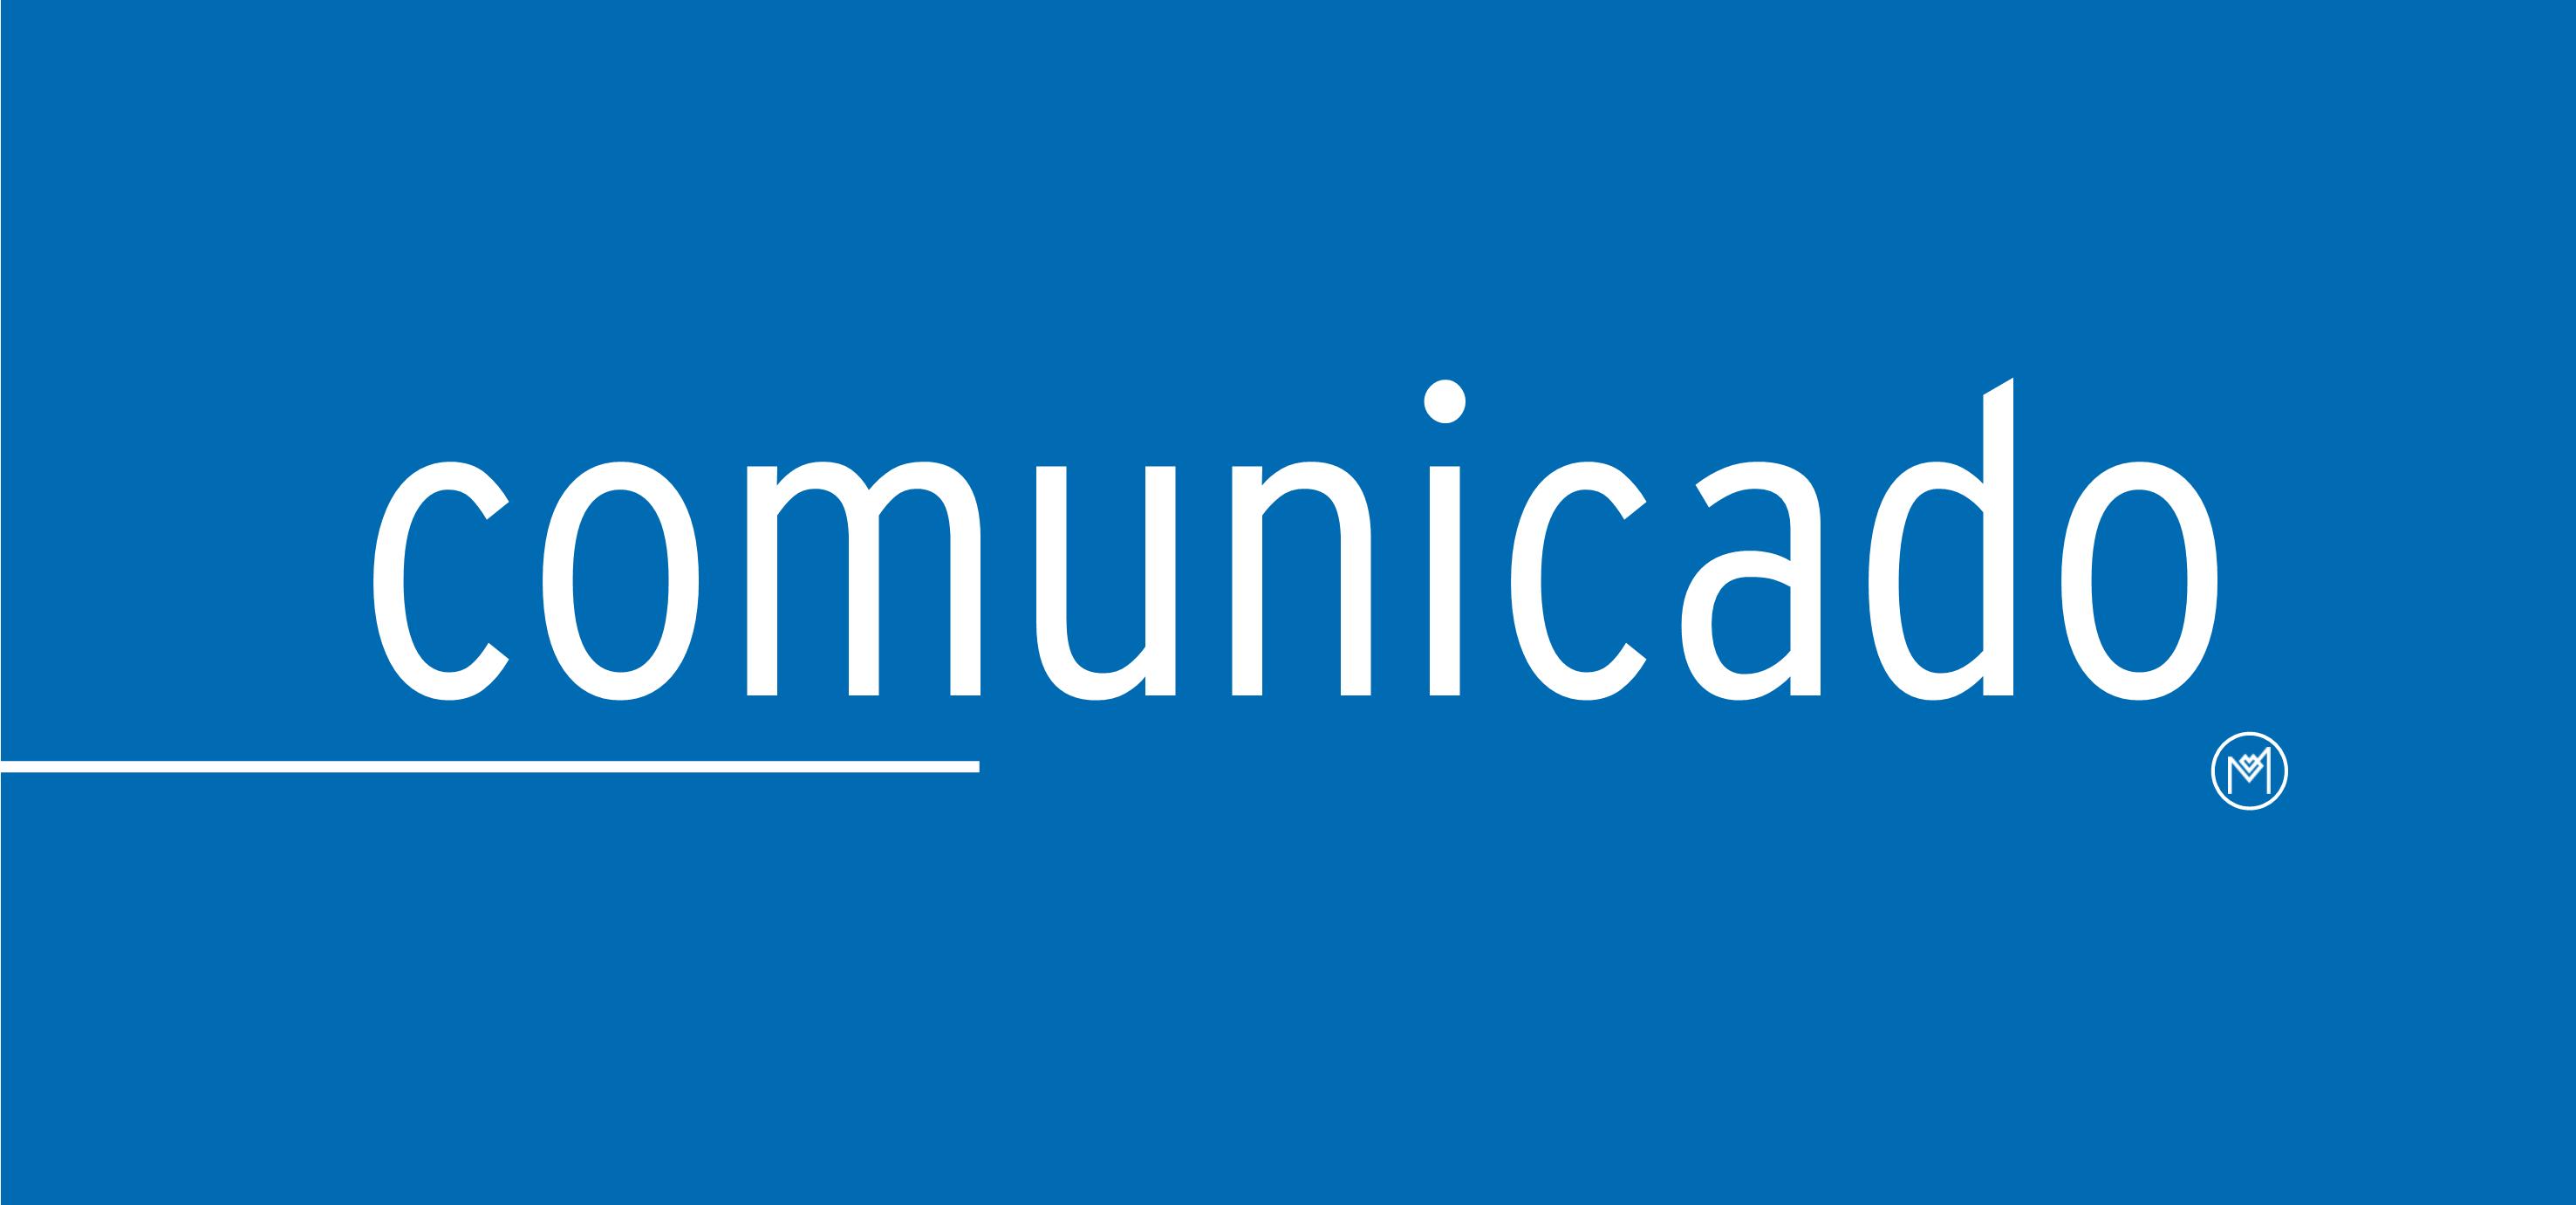 https://www.scmp.pt/assets/misc/img/2019/slideshow/2019%2003%2027%20Assembleia/comunicado%20v2.png